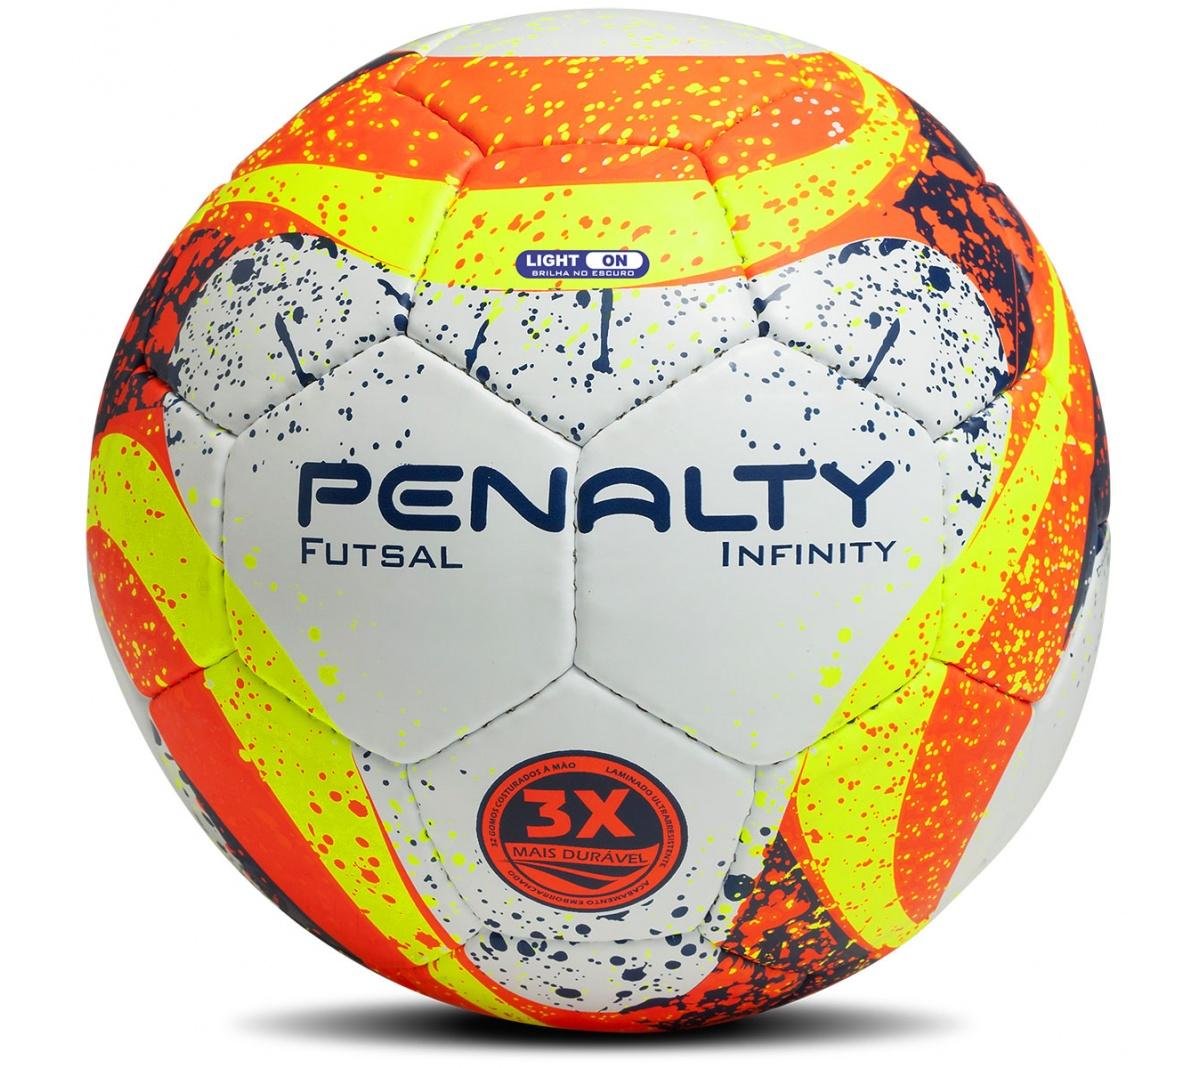 736b4ea4522de Bola Futsal Penalty Infinity VII Bola Futsal Penalty Infinity VII